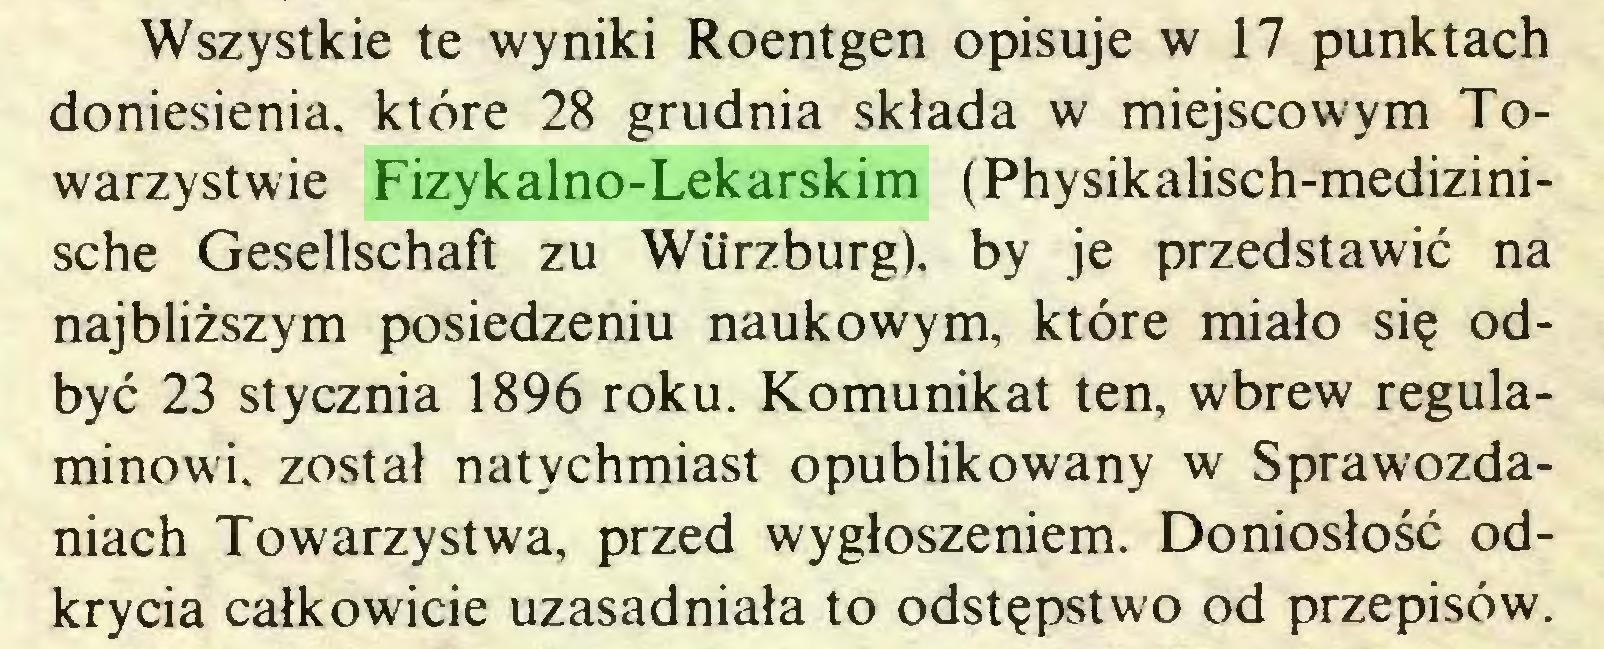 (...) Wszystkie te wyniki Roentgen opisuje w 17 punktach doniesienia, które 28 grudnia składa w miejscowym Towarzystwie Fizykalno-Lekarskim (Physikalisch-medizinische Gesellschaft zu Wiirzburg). by je przedstawić na najbliższym posiedzeniu naukowym, które miało się odbyć 23 stycznia 1896 roku. Komunikat ten, wbrew regulaminowi. został natychmiast opublikowany w Sprawozdaniach Towarzystwa, przed wygłoszeniem. Doniosłość odkrycia całkowicie uzasadniała to odstępstwo od przepisów...